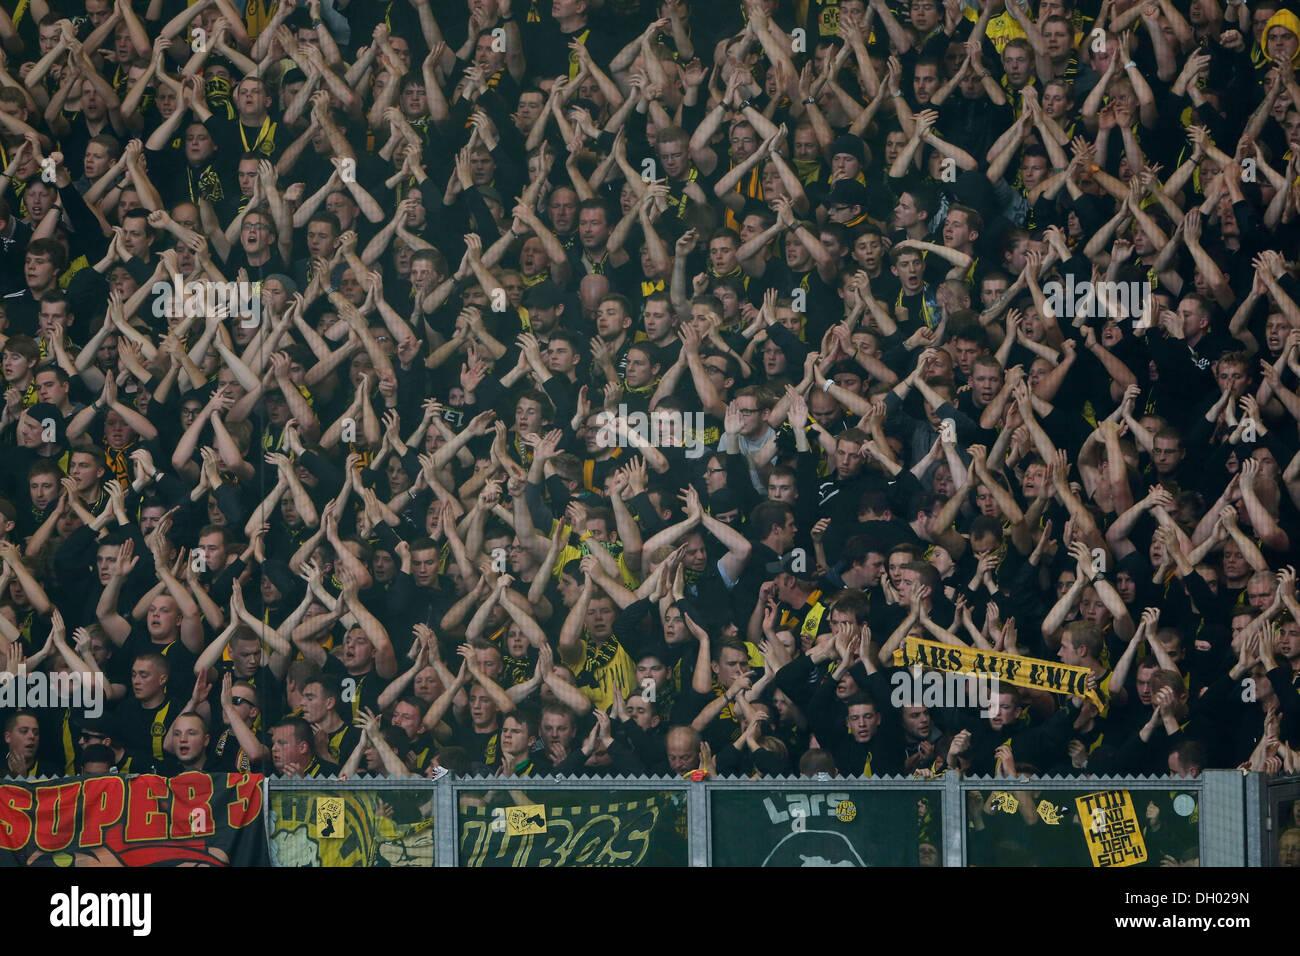 Fussball, Gelsenkirchen , Deutschland , 1. Bundesliga ,  10. Spieltag, FC Schalke 04 - Borussia Dortmund 3 -1 in der Veltins Arena auf Schalke  am 26. 10. 2013 Dortmunder Fans im Fanblock  © norbert schmidt/Alamy Live News - Stock Image